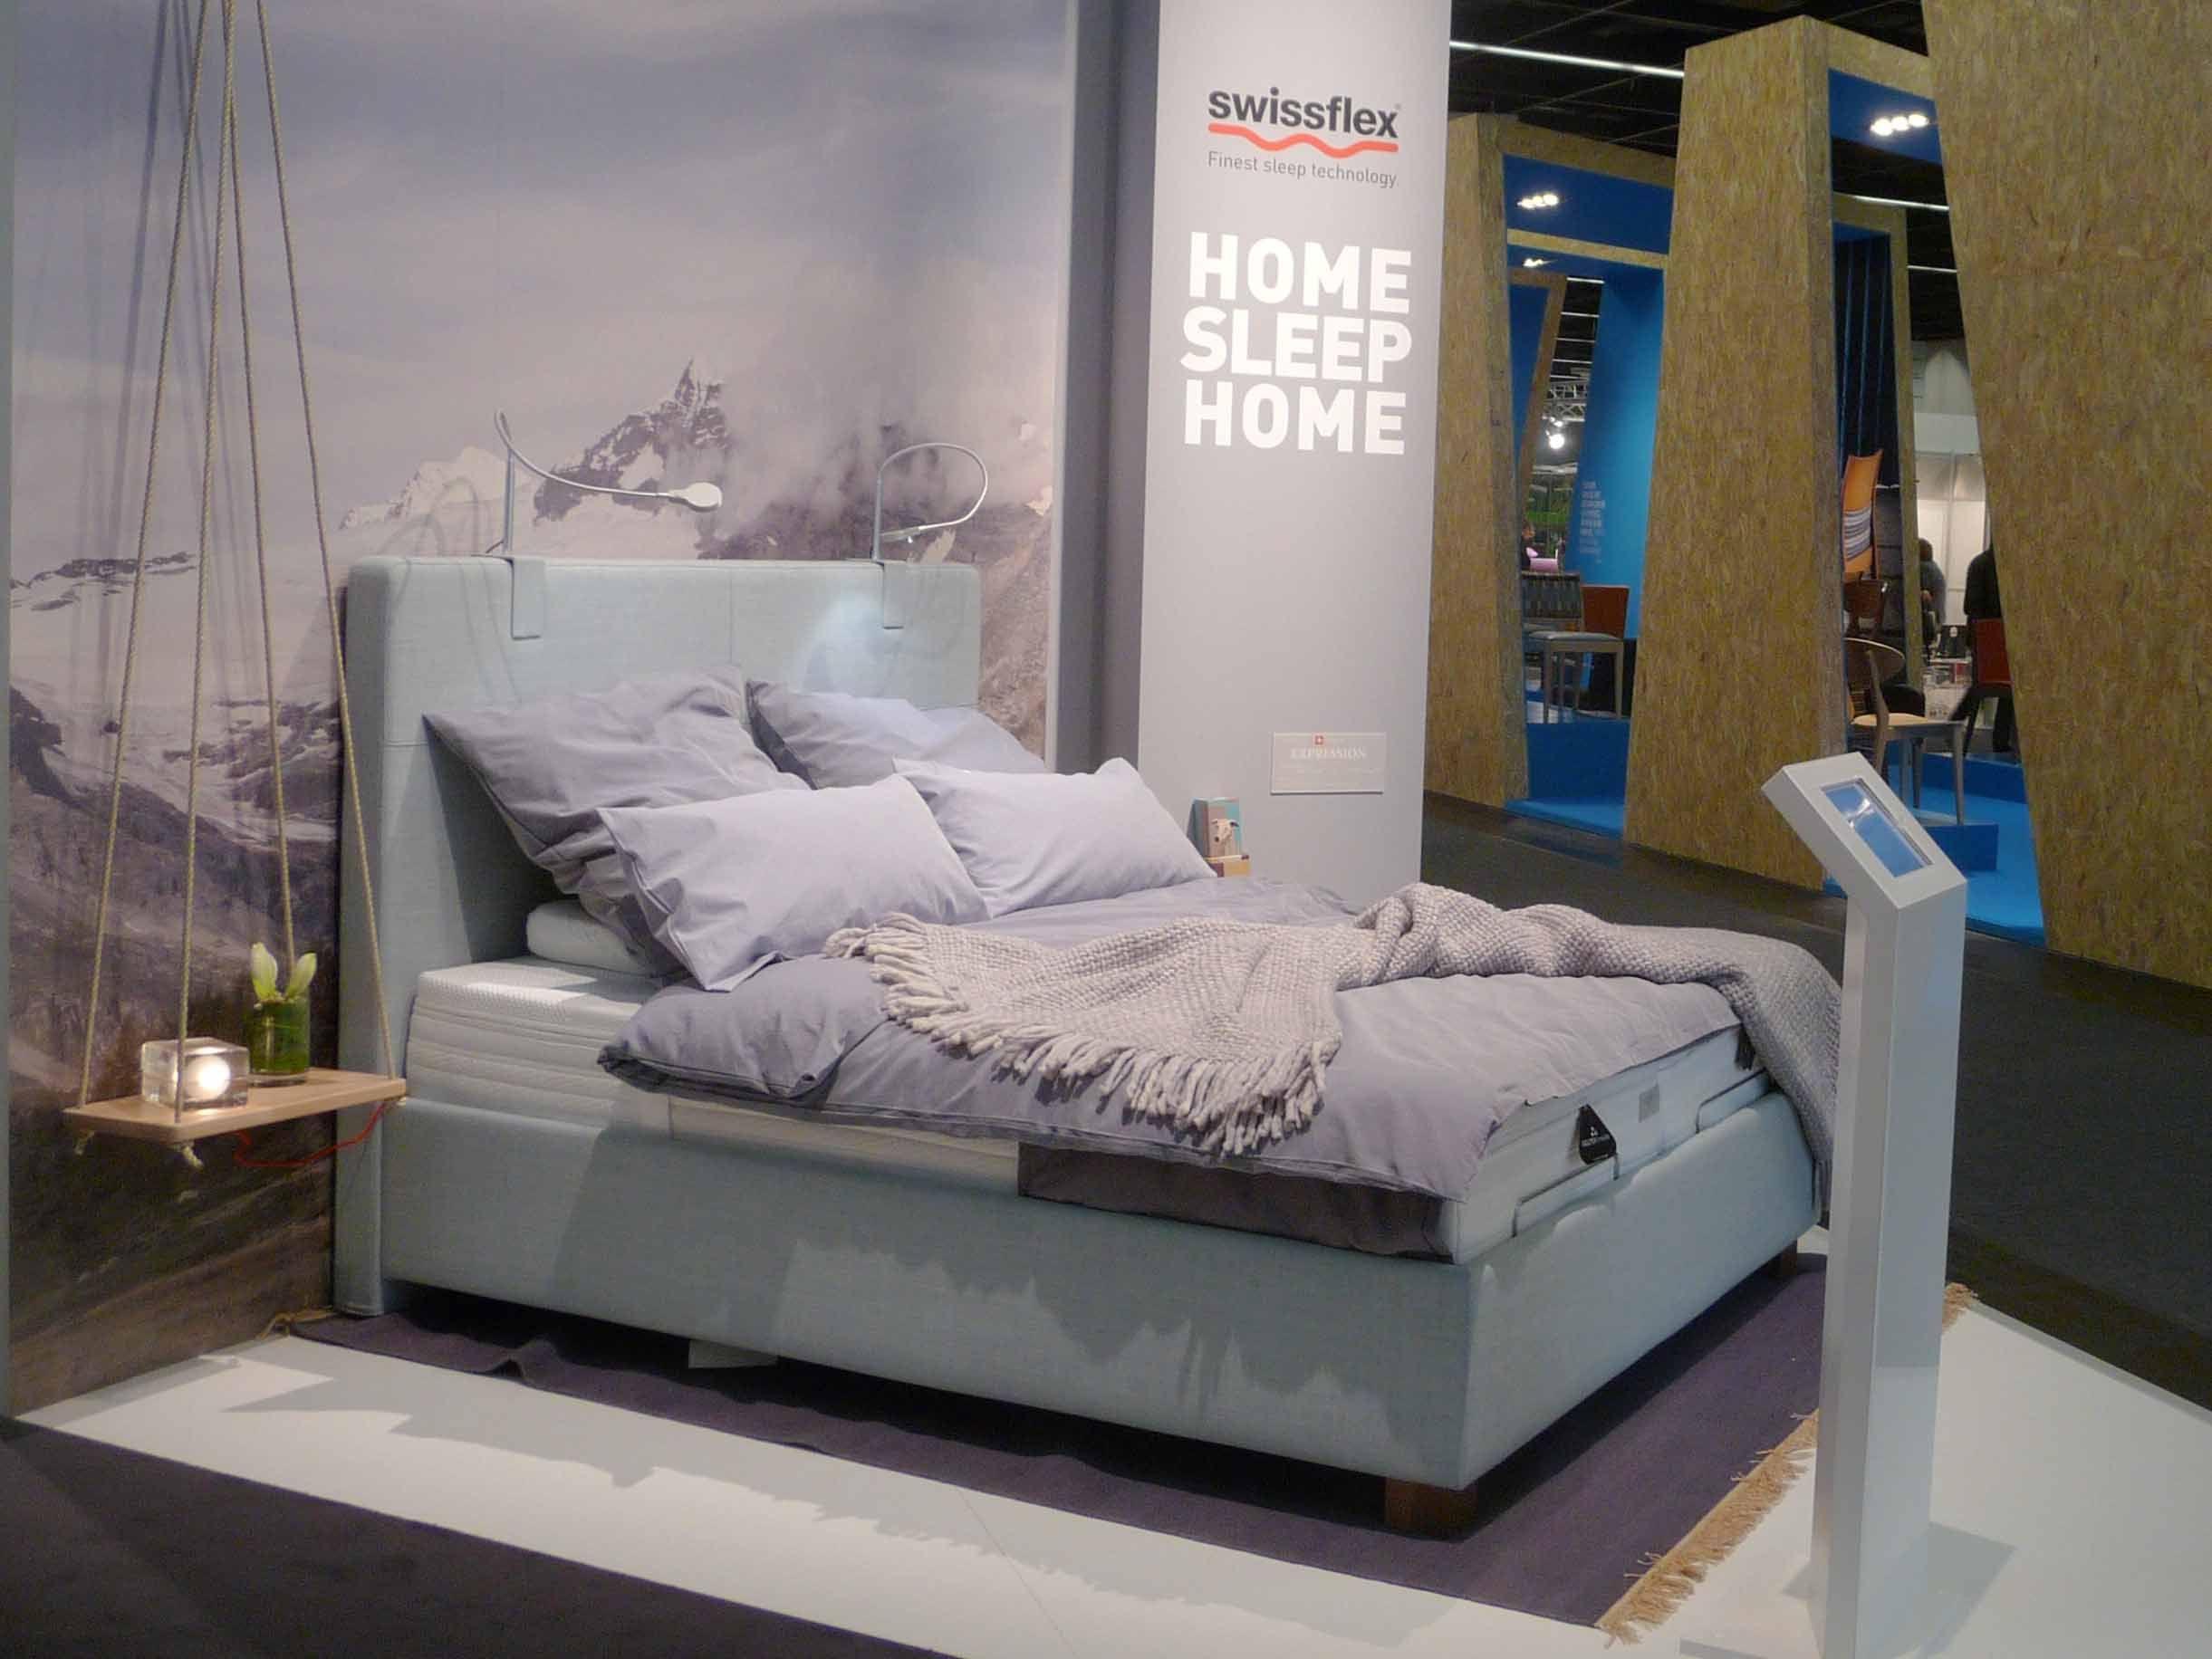 Schlafzimmer Köln pin swissflex auf imm cologne 2016 betten und